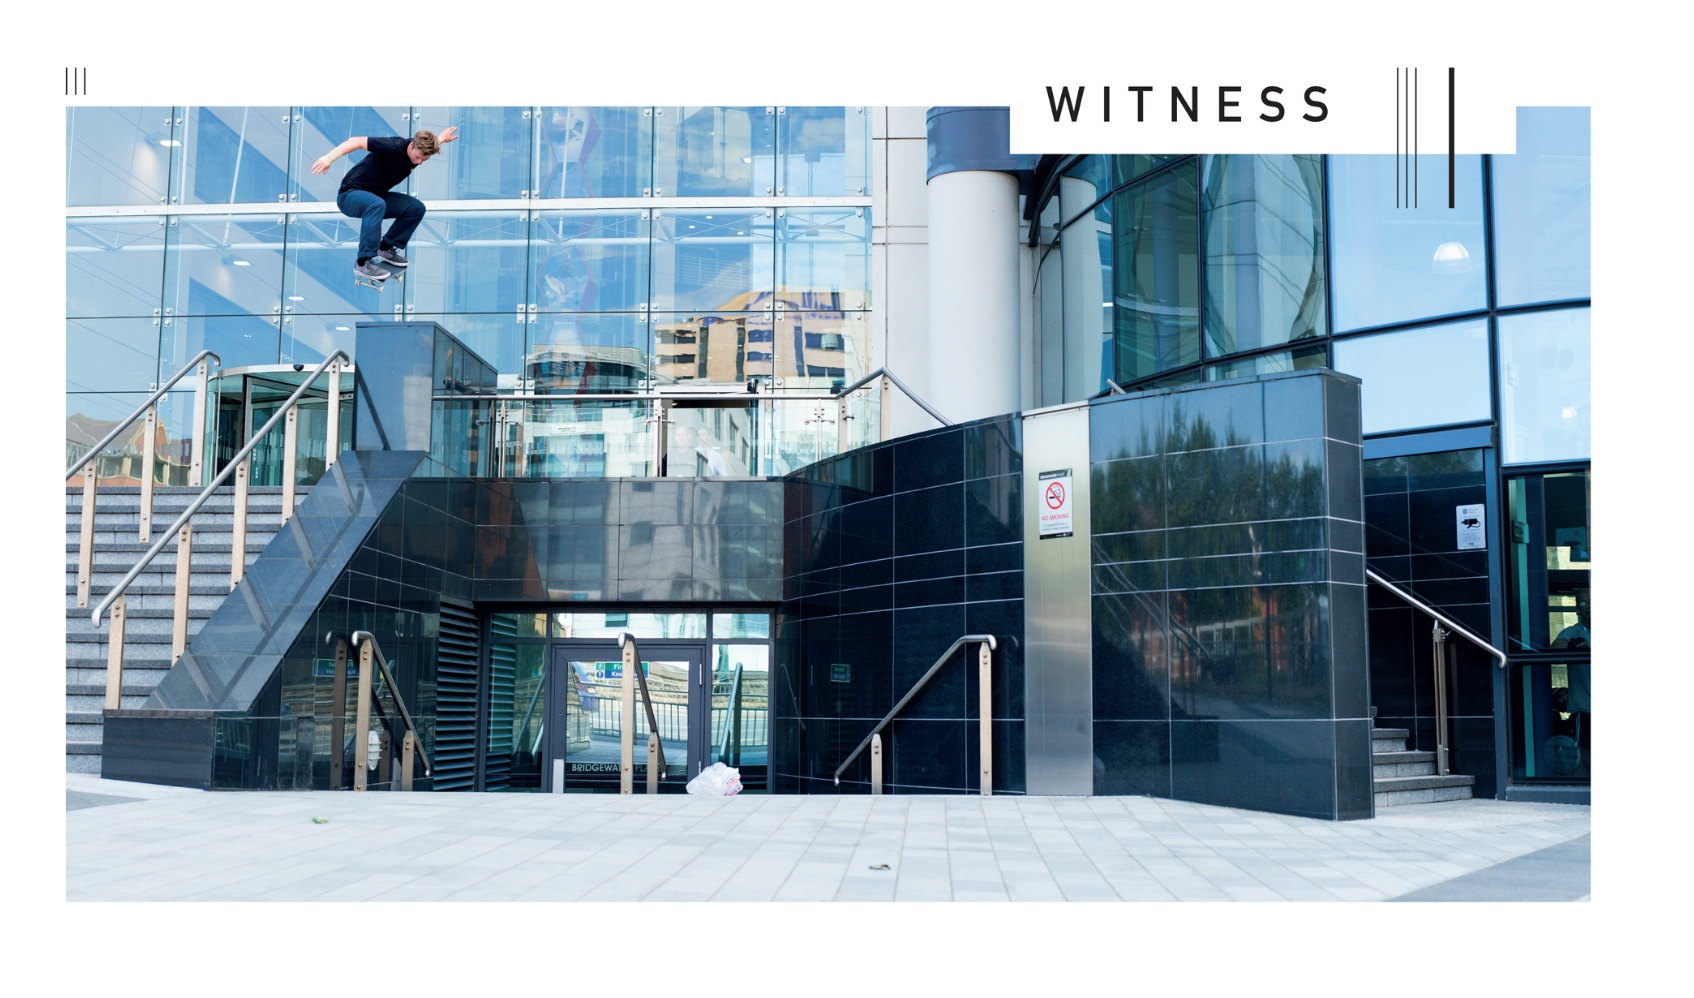 Dale - Witness - Sidewalk - Would Skateboards